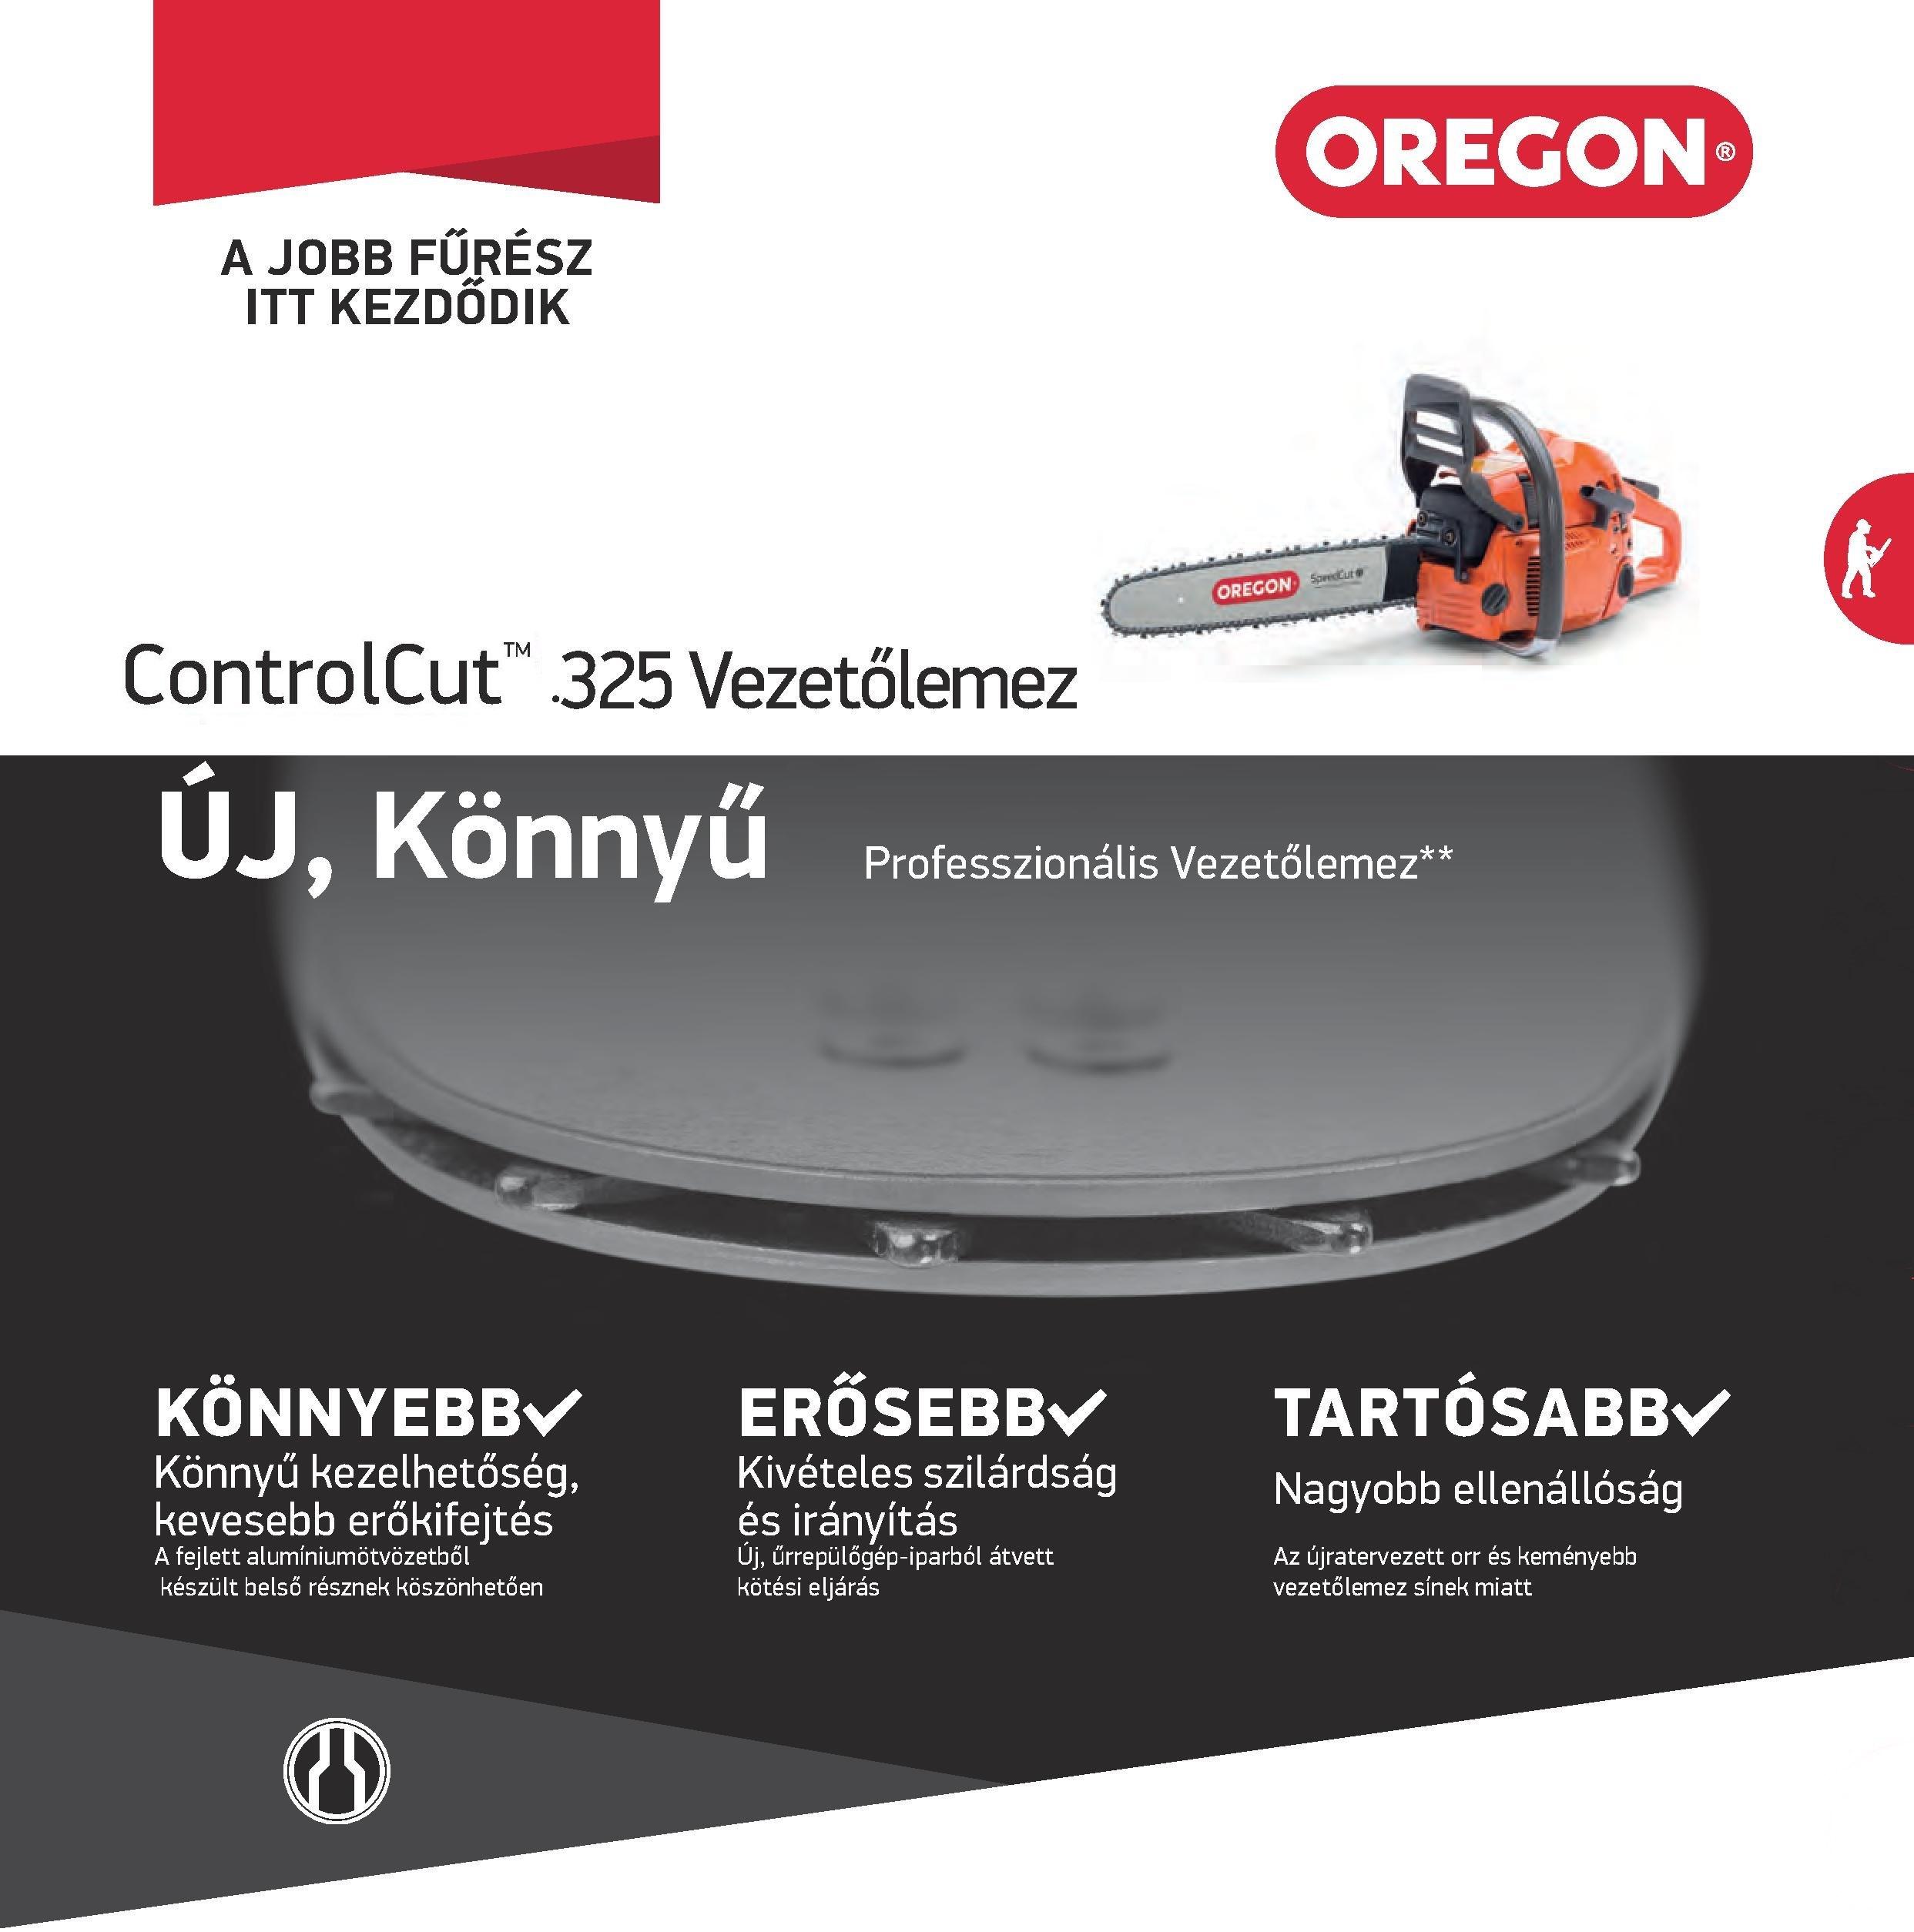 Oregon® ControlCut™ láncvezető - 183PXLBA074